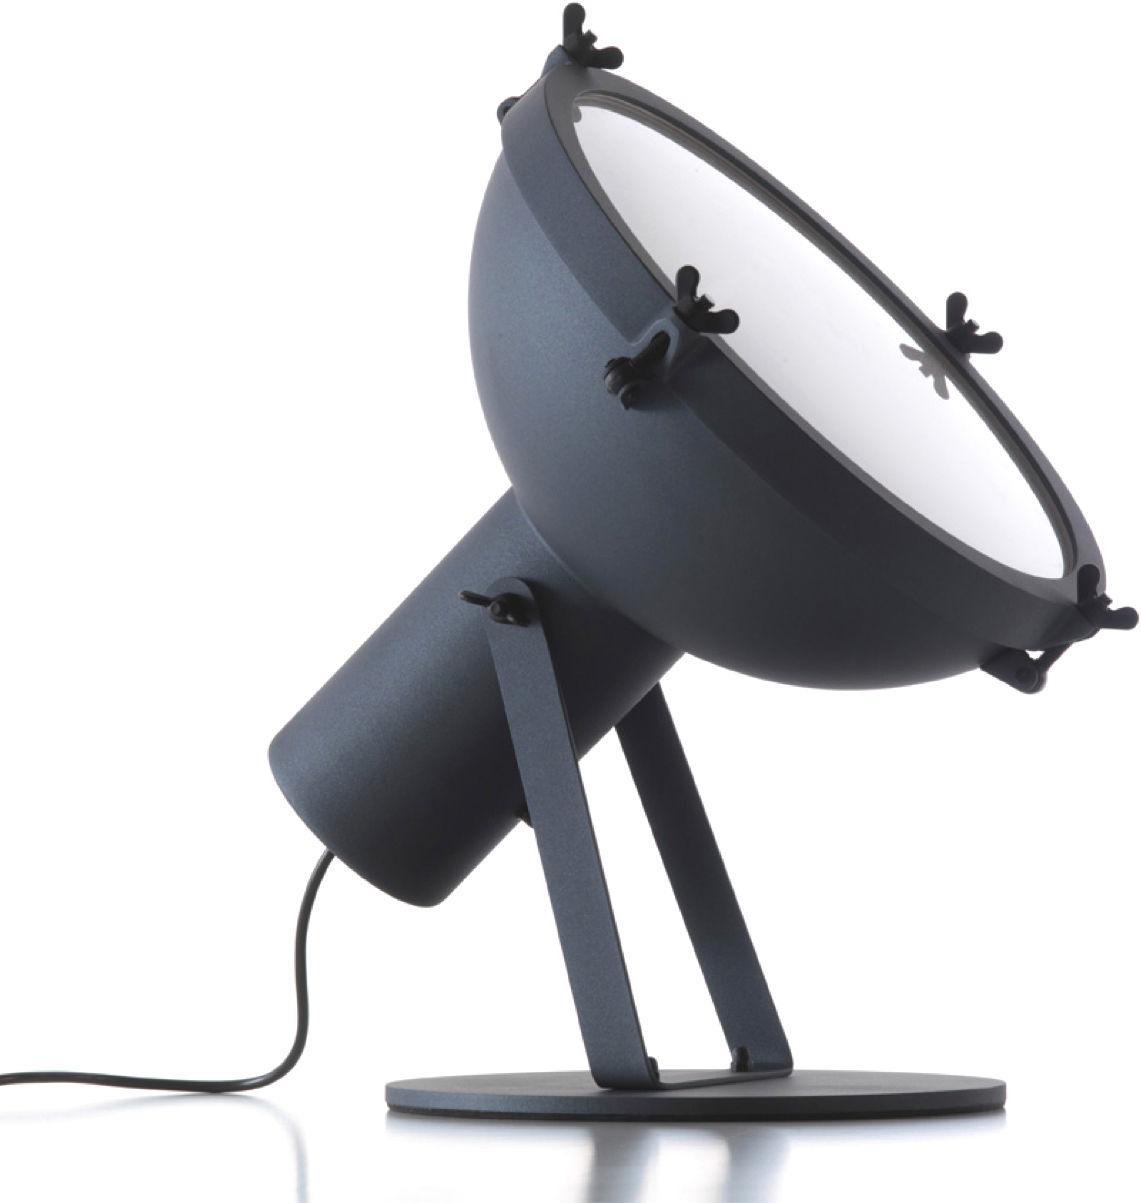 Leuchten - Tischleuchten - Projecteur 365 Tischleuchte von Le Corbusier - Neuauflage des Originals von 1954 - Nemo - Außen anthrazit - innen weiß-glänzend - Aluminium, Mattglas